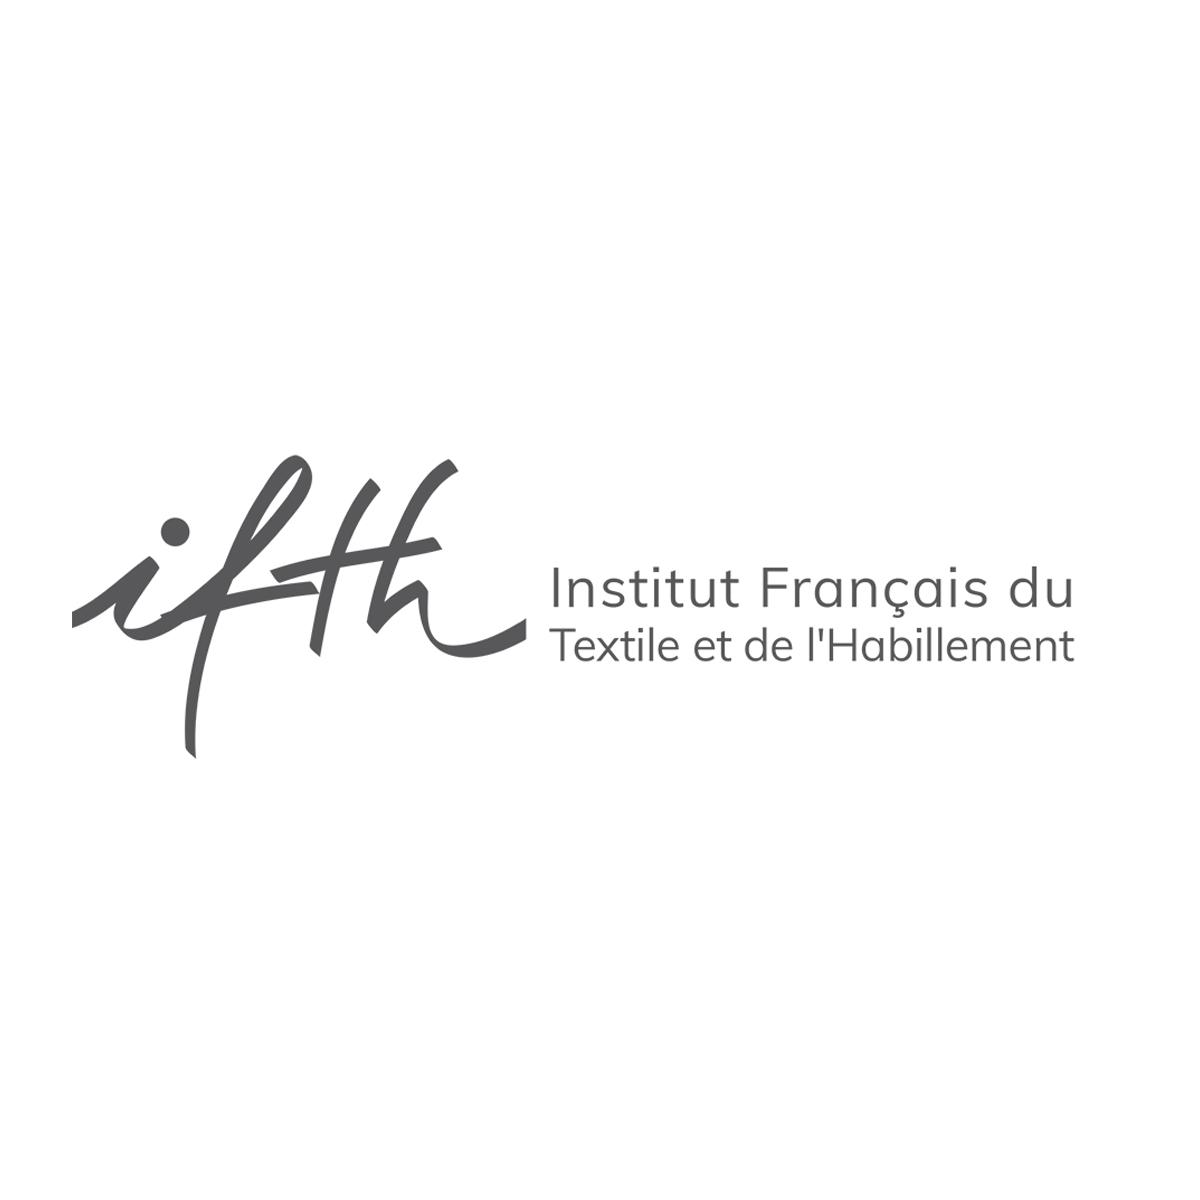 ifth logo réseau